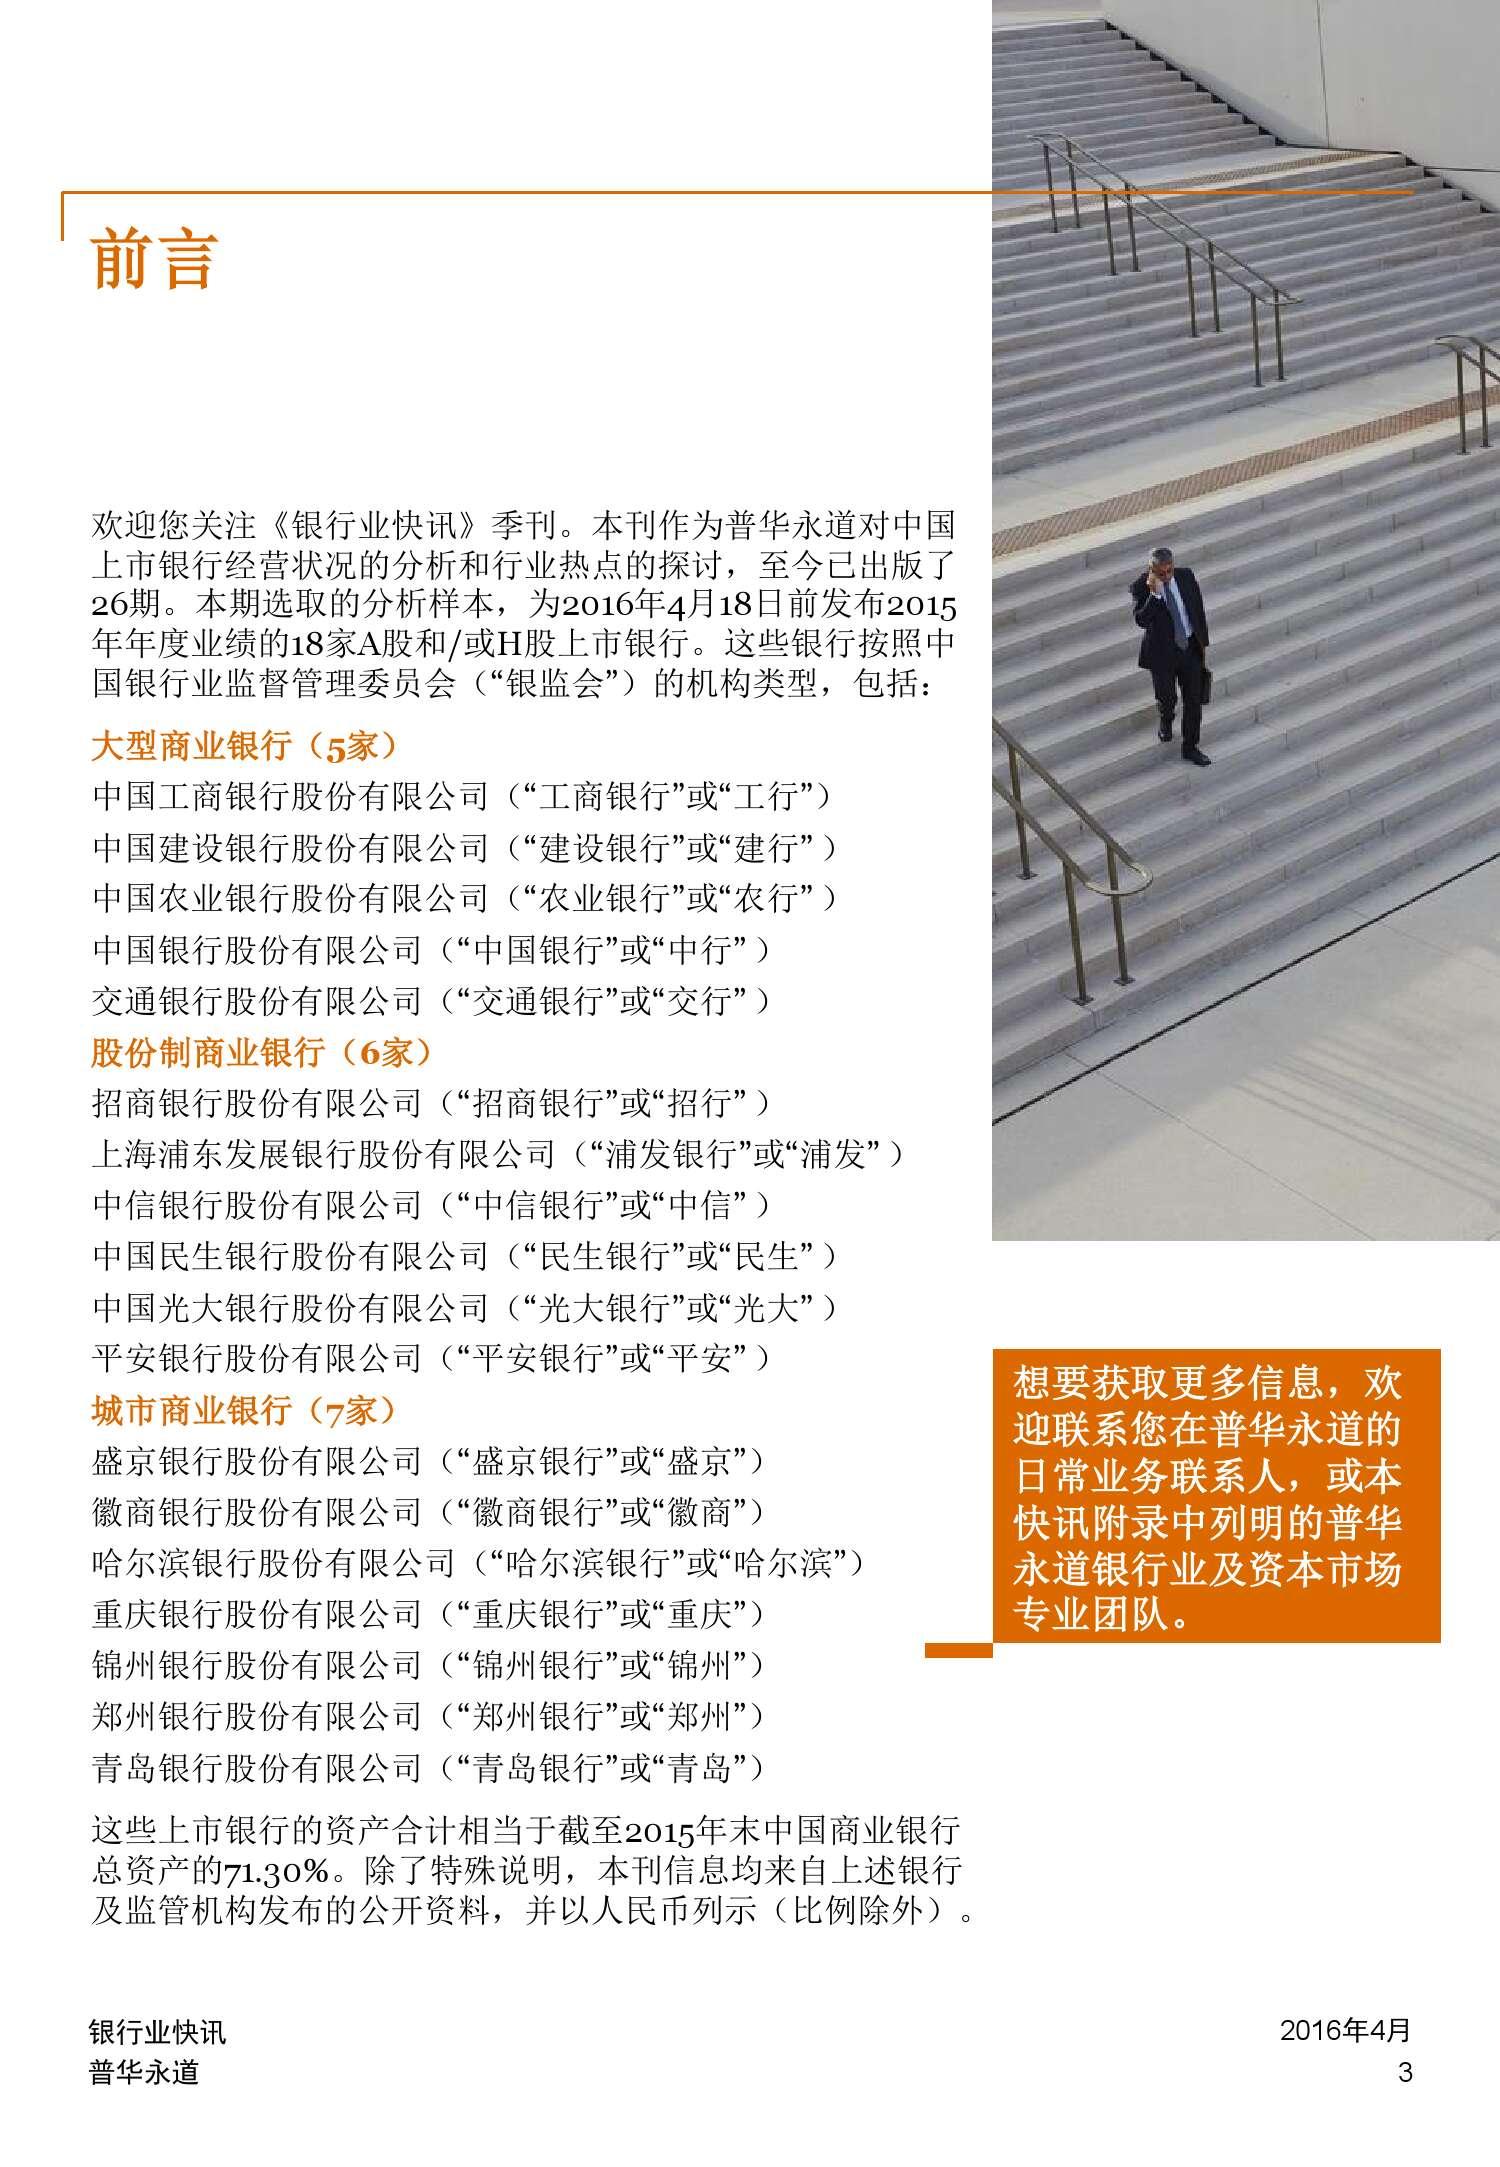 普华永道:2015年中国银行业回顾与展望_000003